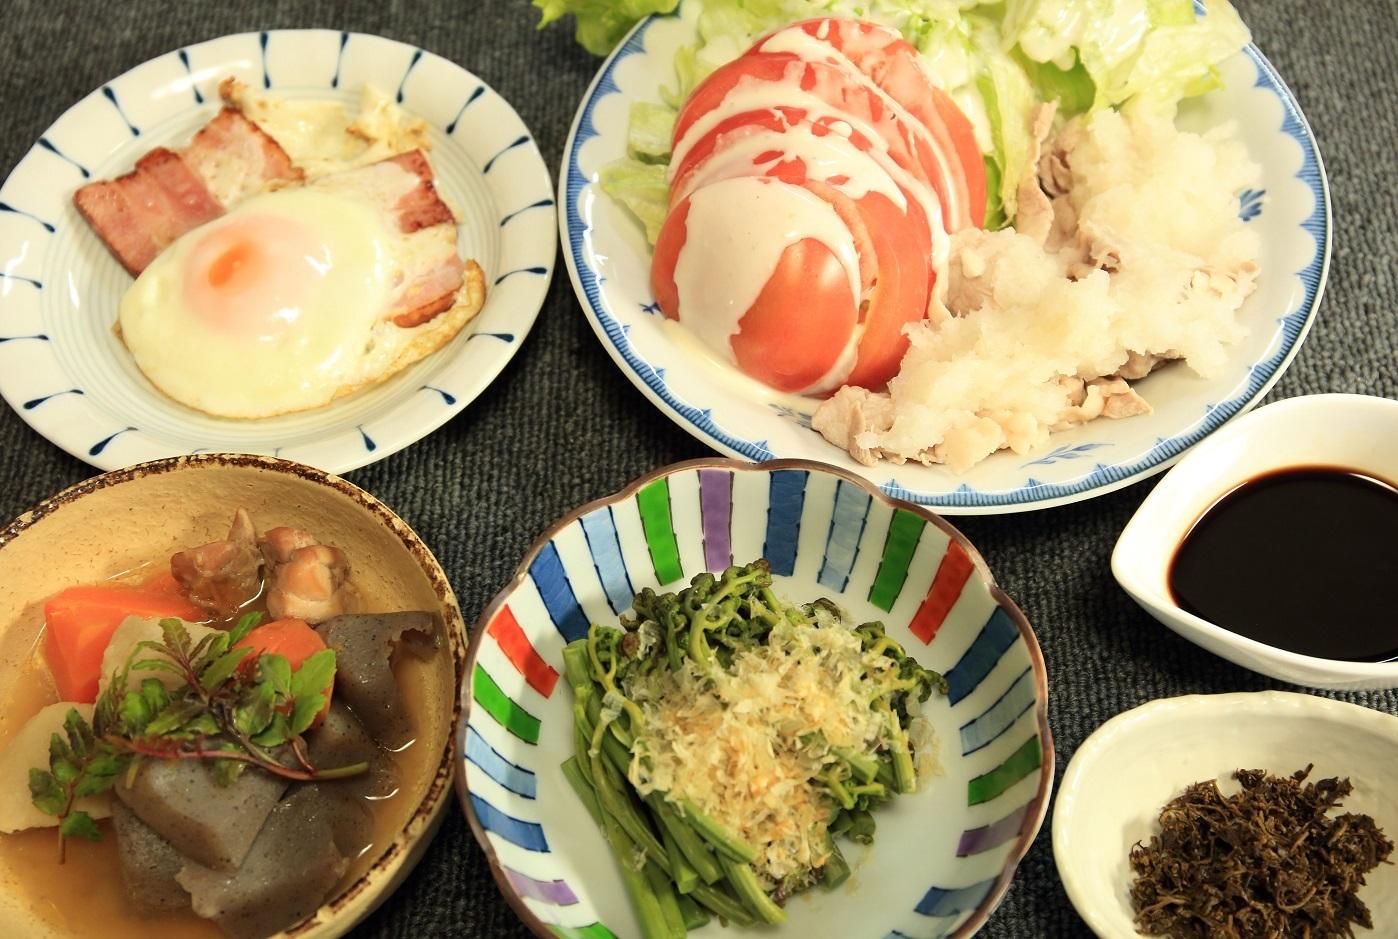 ブログ夕食 ワラビ 山椒の佃煮.jpg